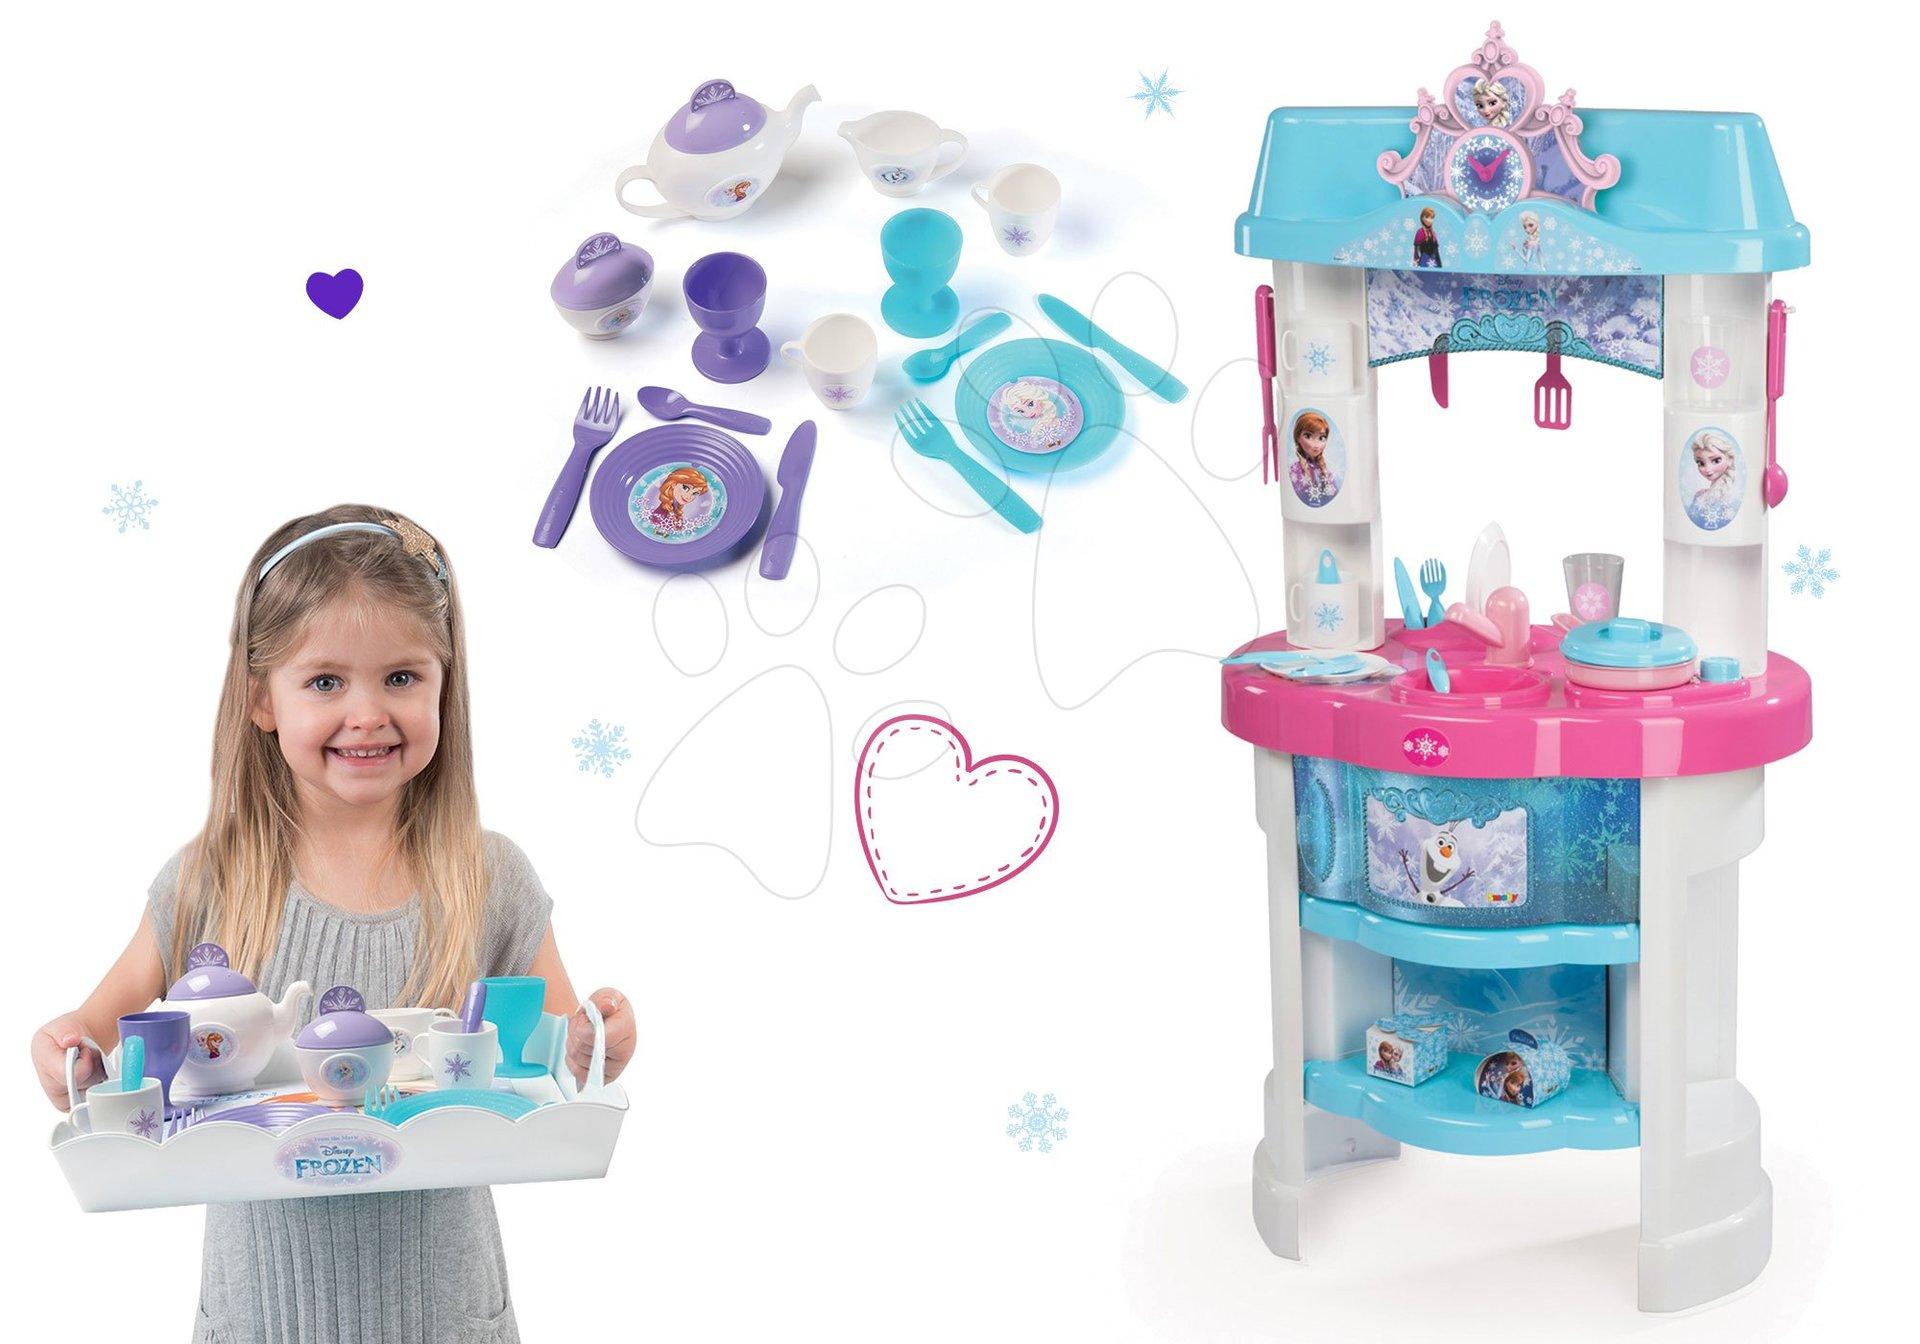 Kuchynky pre deti sety - Set kuchynka Frozen Smoby s trblietkami a čajová súprava Frozen na tácke